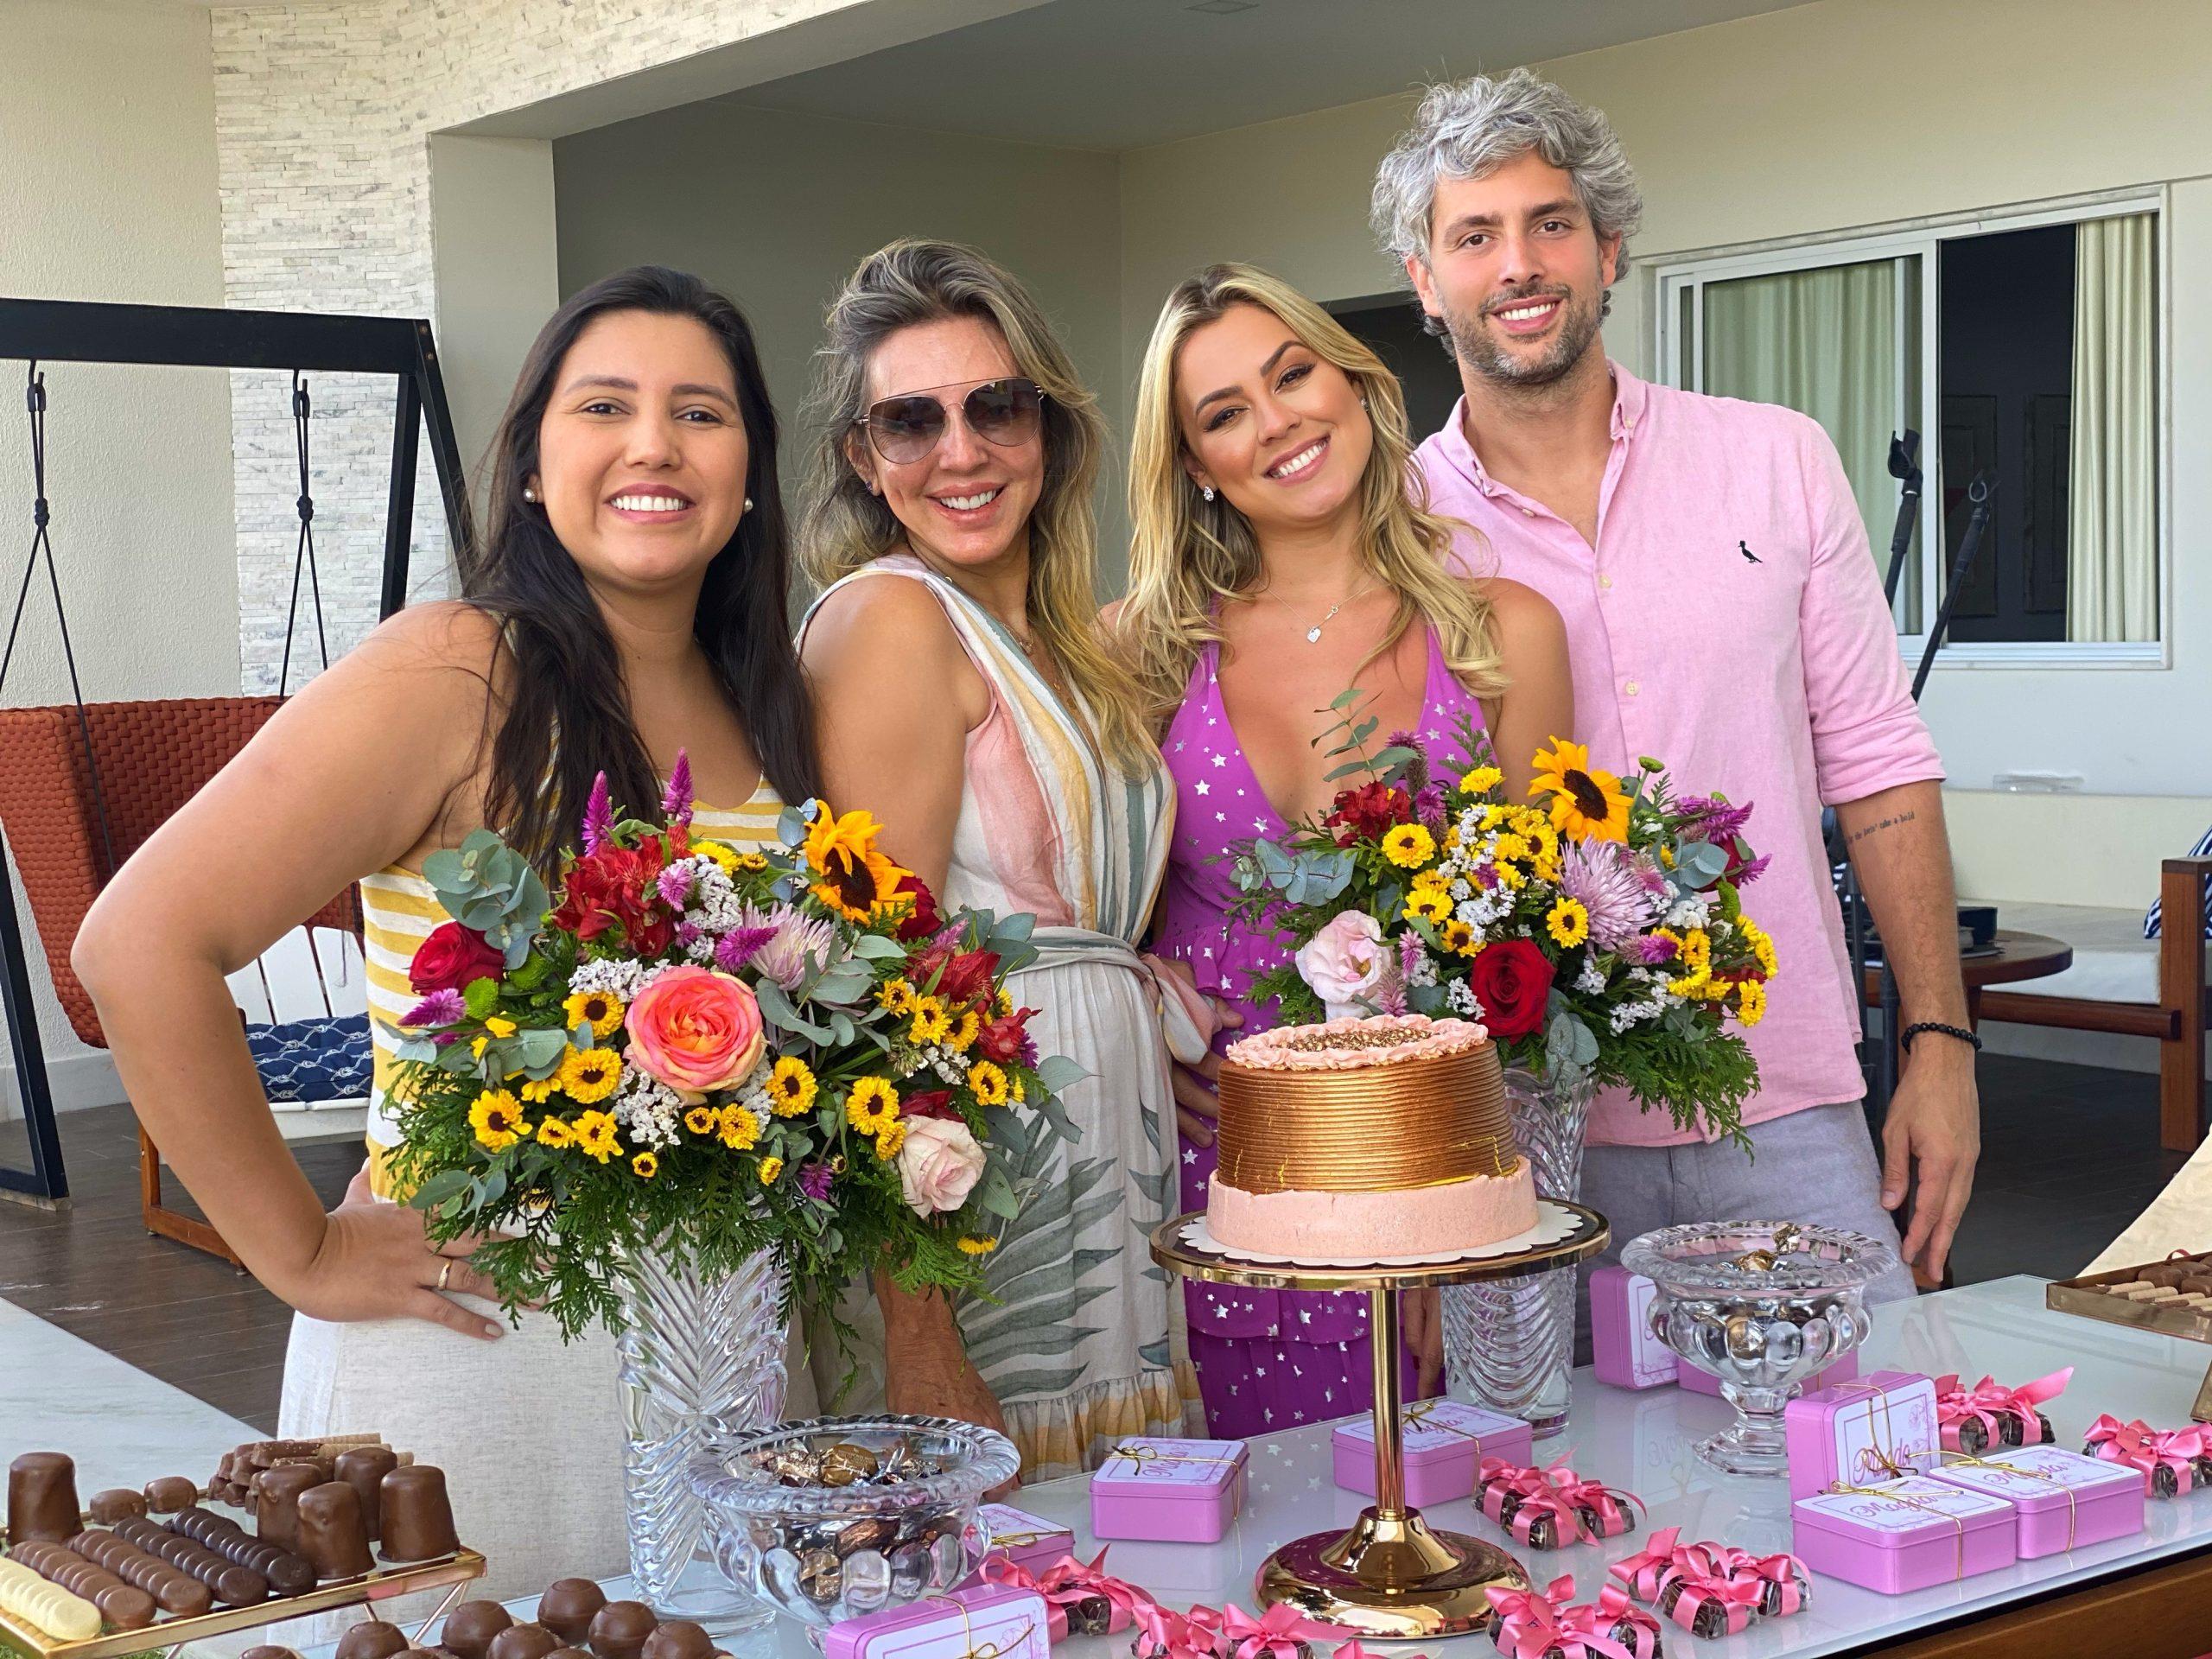 Isabella Cecchi aproveita final de semana em casa com diária de R$ 1.500 e apresenta namorado a família